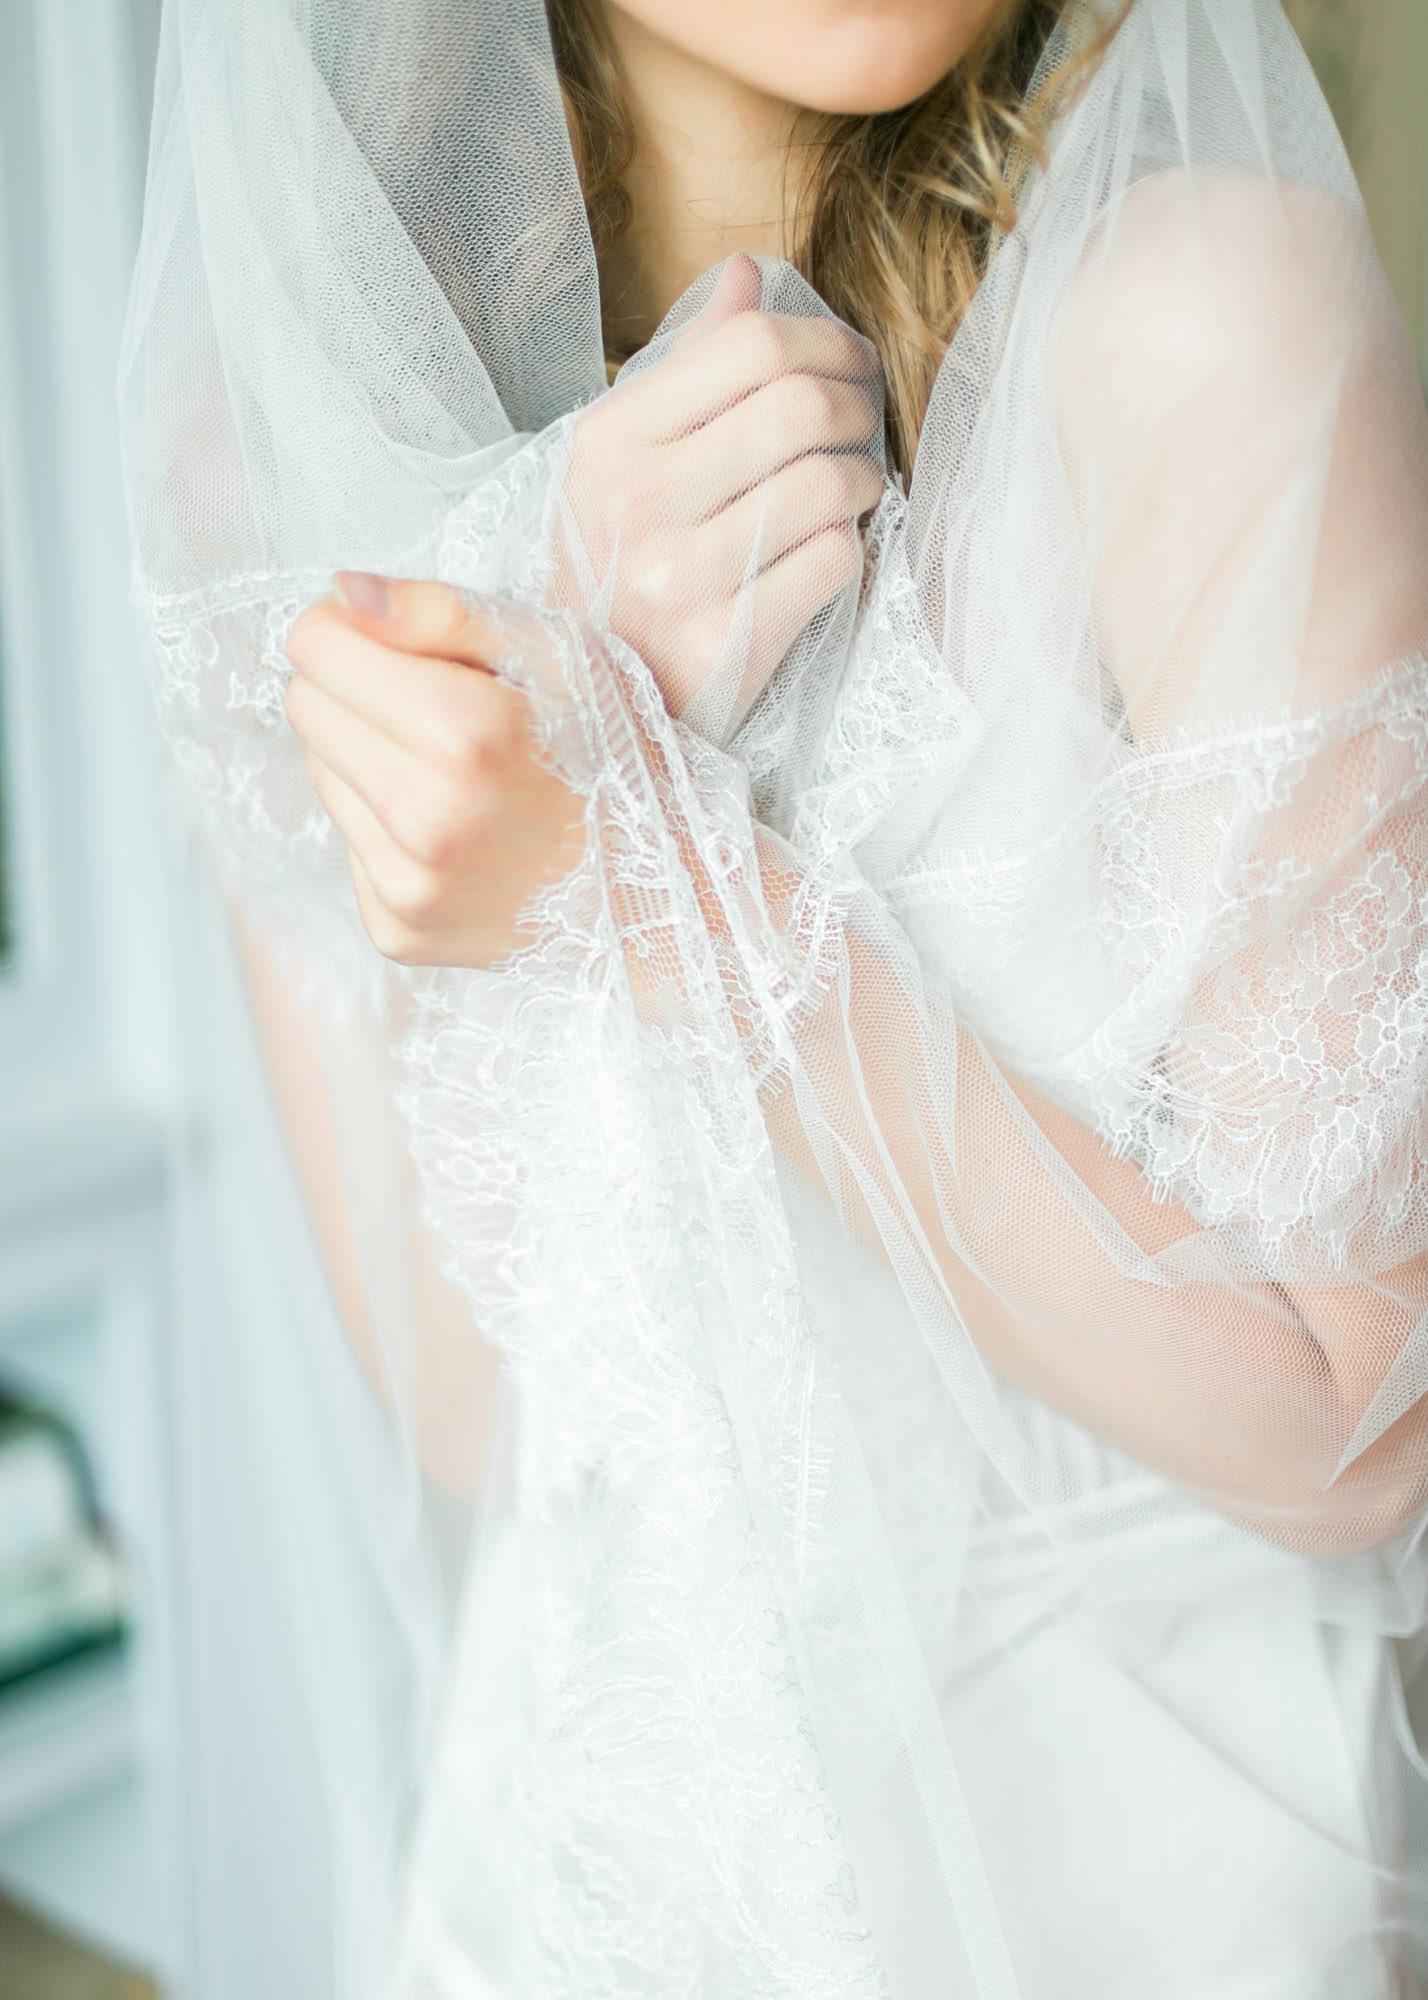 16-tuscany-wedding-photographer-italy-p-g